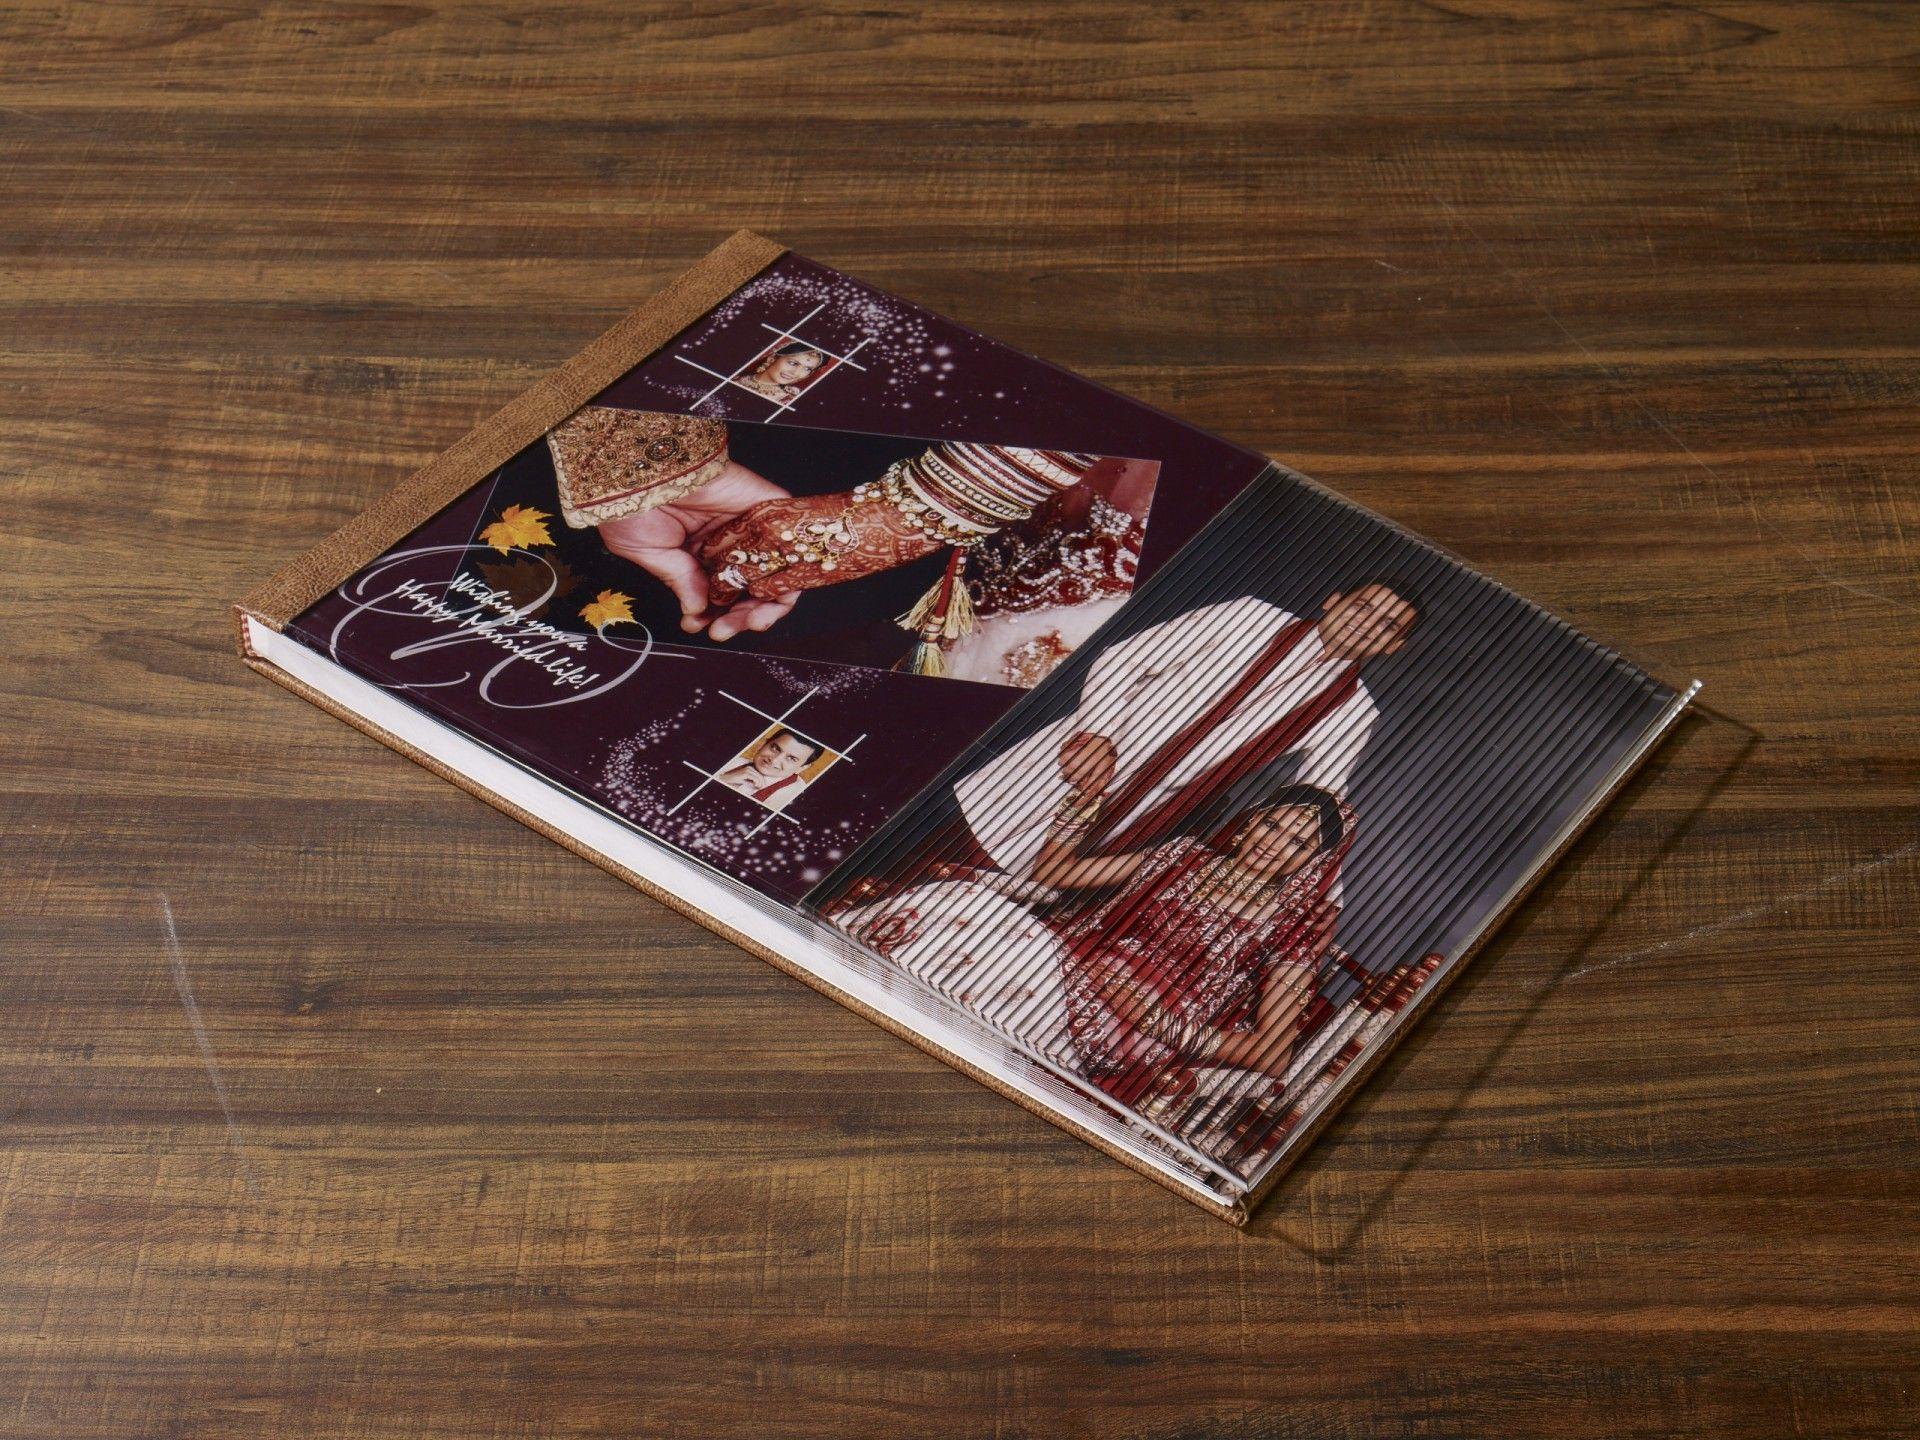 photo books, step album, wedding album design india, coffee table